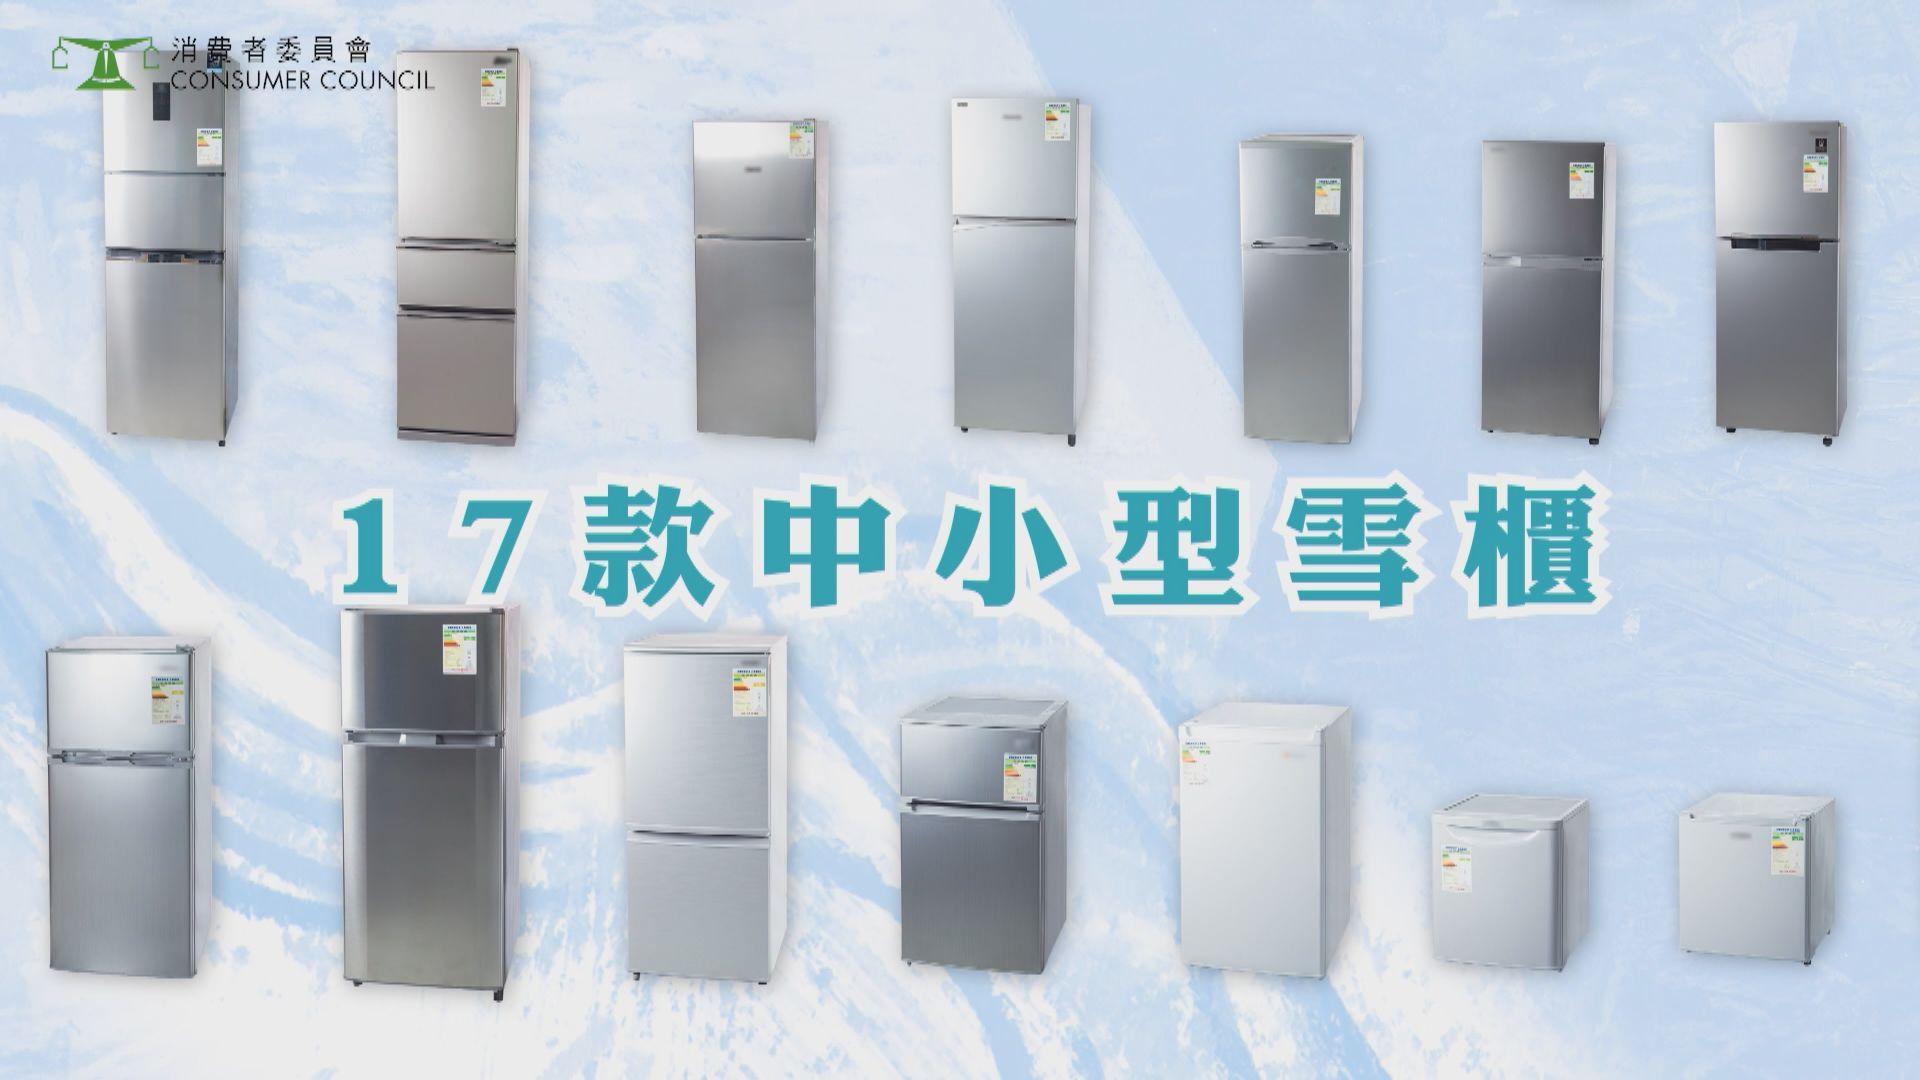 消委會測試17款雪櫃 冷卻能力可相差1.3倍